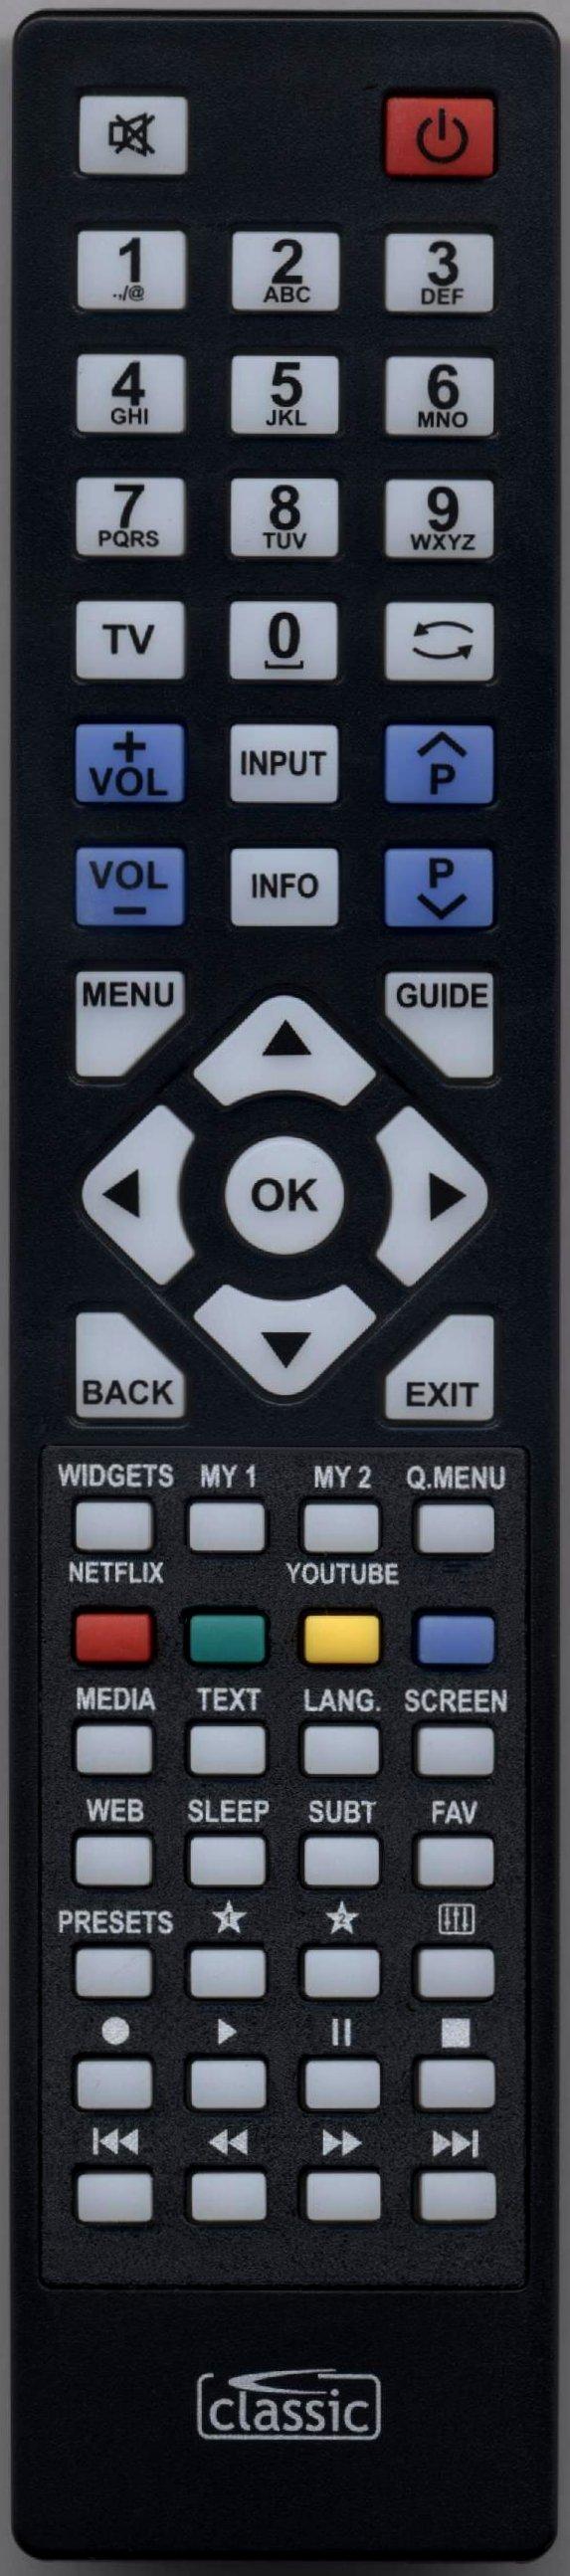 LUXOR LUX0142003/01 Remote Control Alternative